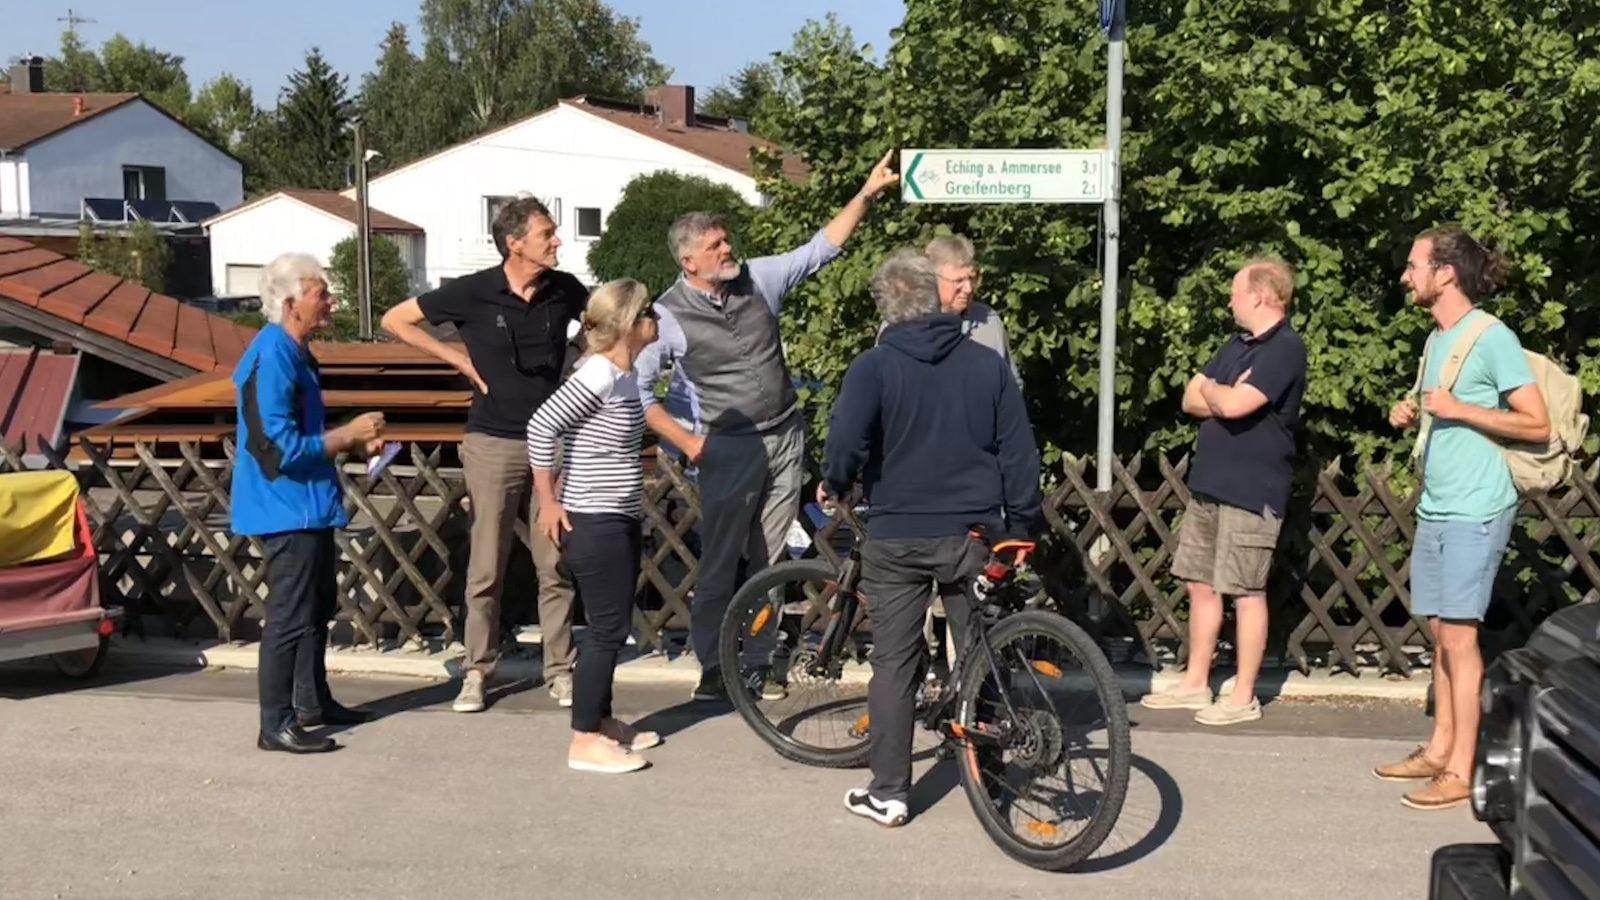 Besichtigungsfahrt der Initiative Sicher duirch Schondorf